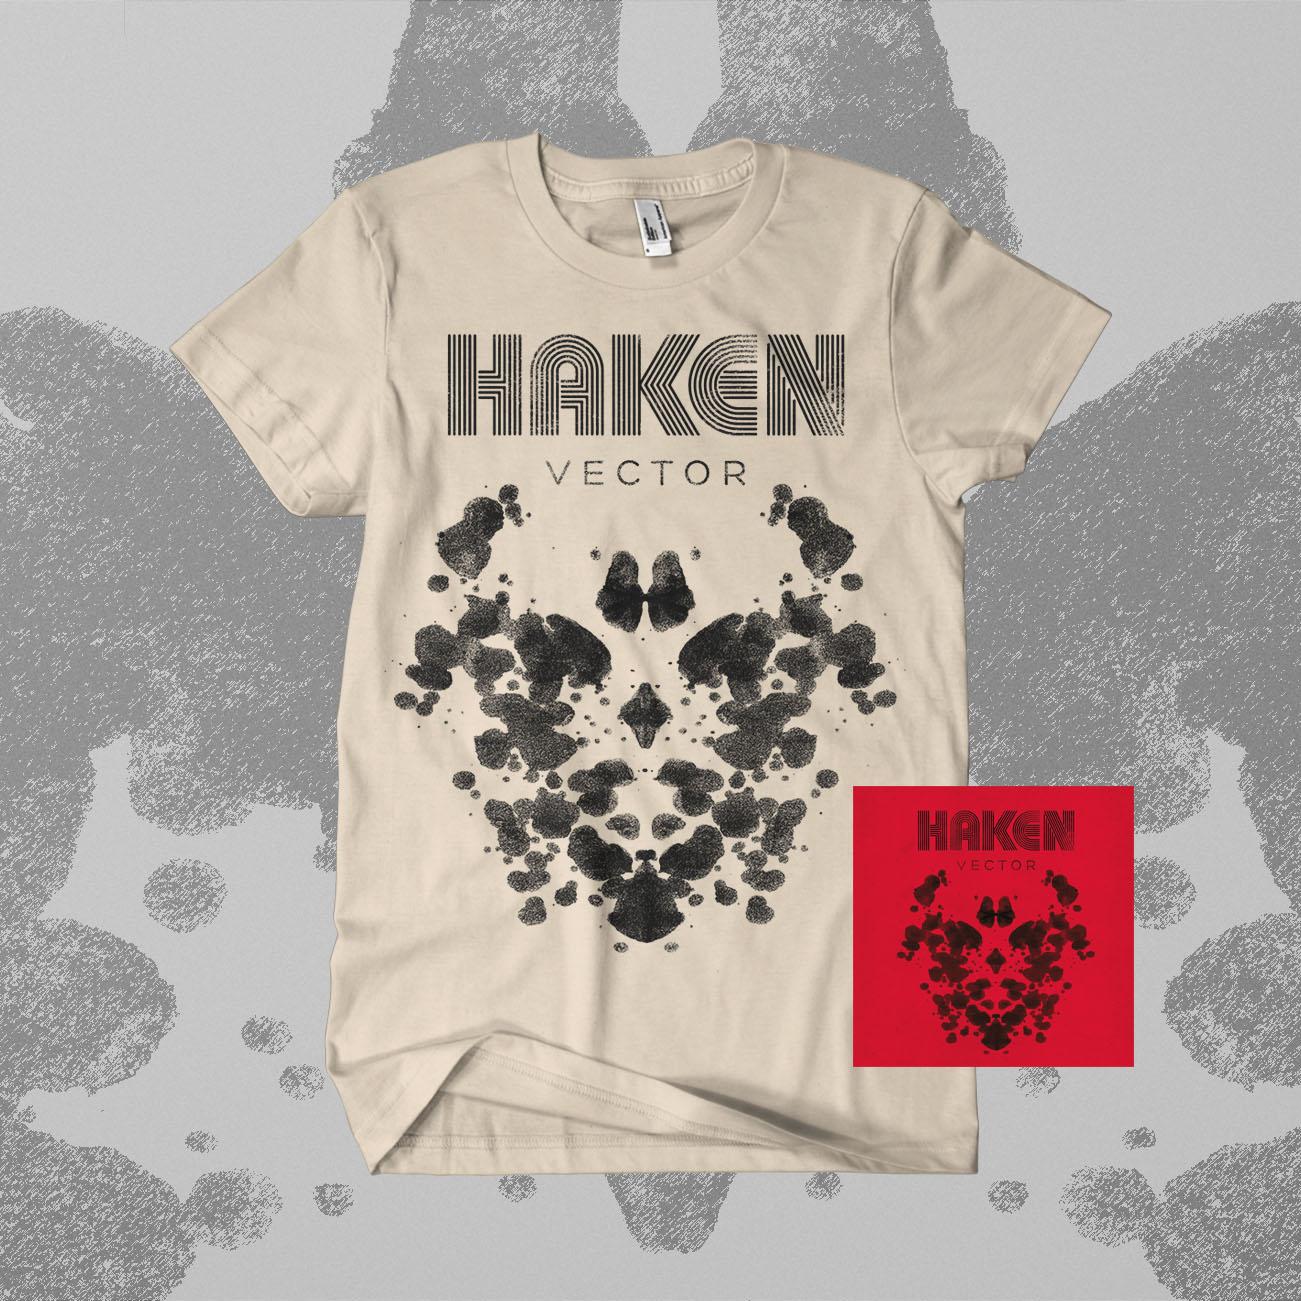 Haken - 'Vector' Ltd. 2CD Mediabook & T-Shirt Bundle - Haken